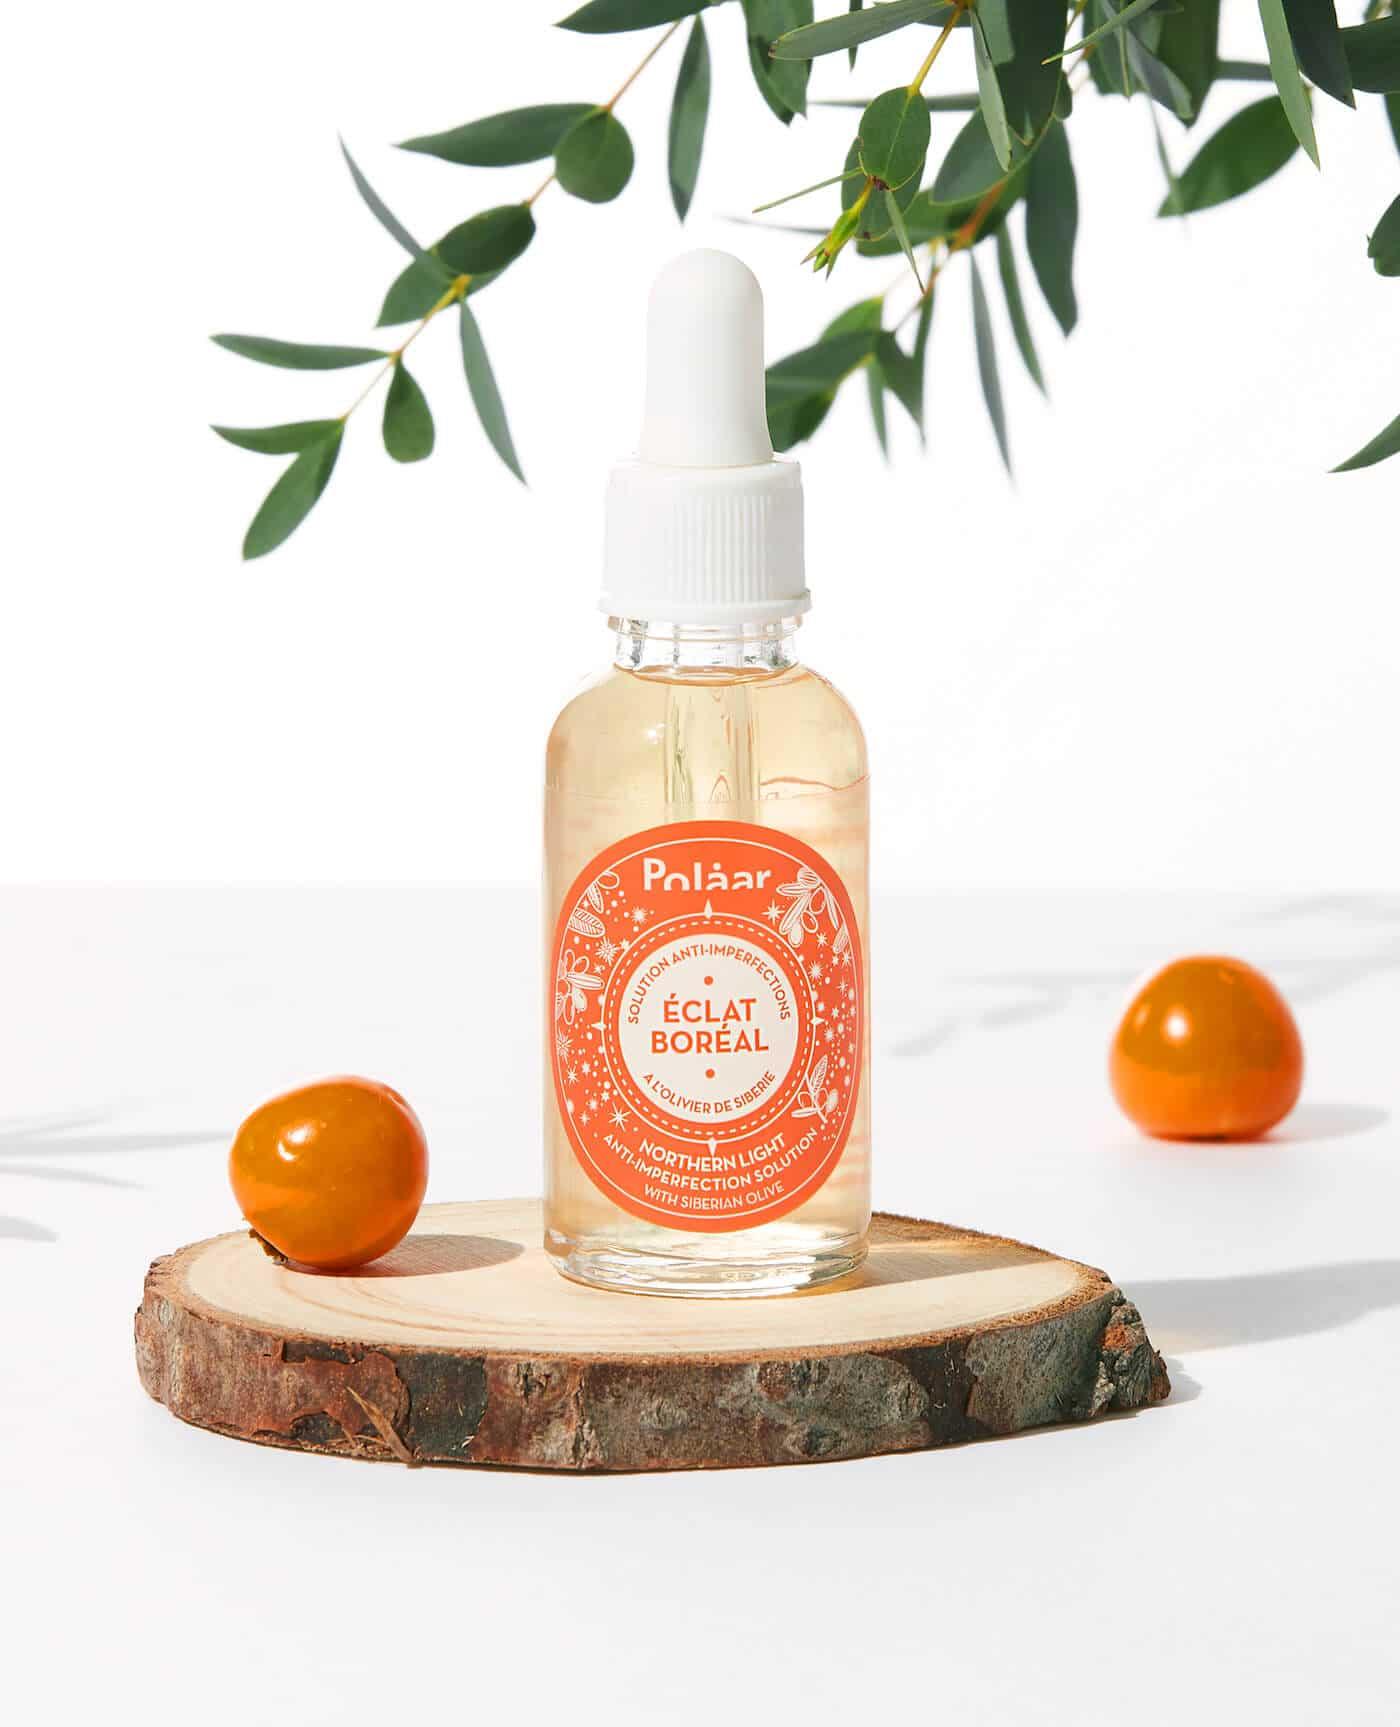 Solution anti imperfections naturelle éclat boréal à l'oliver de sibérie de la marque Polaar